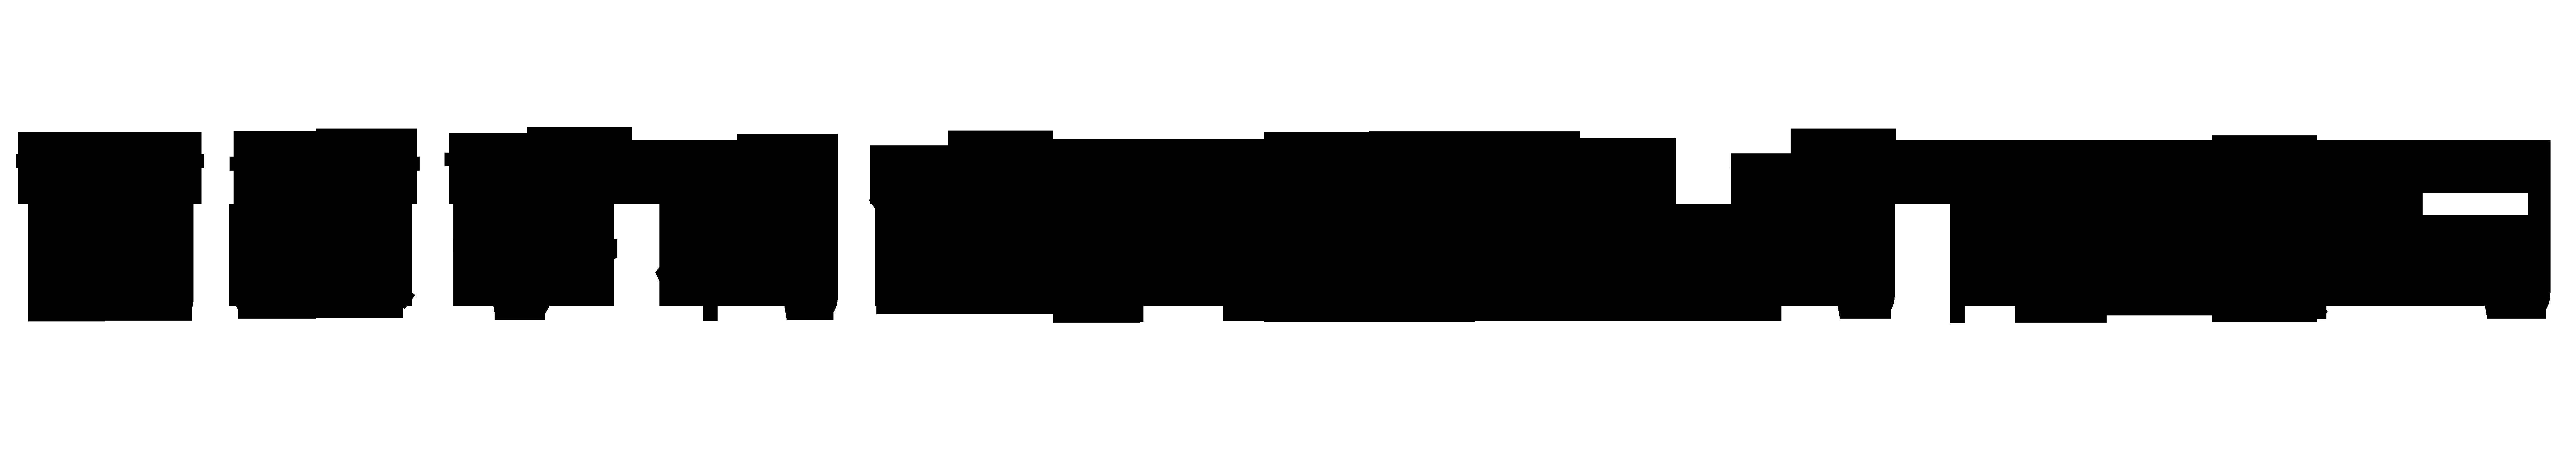 设计 矢量 矢量图 素材 9000_1600